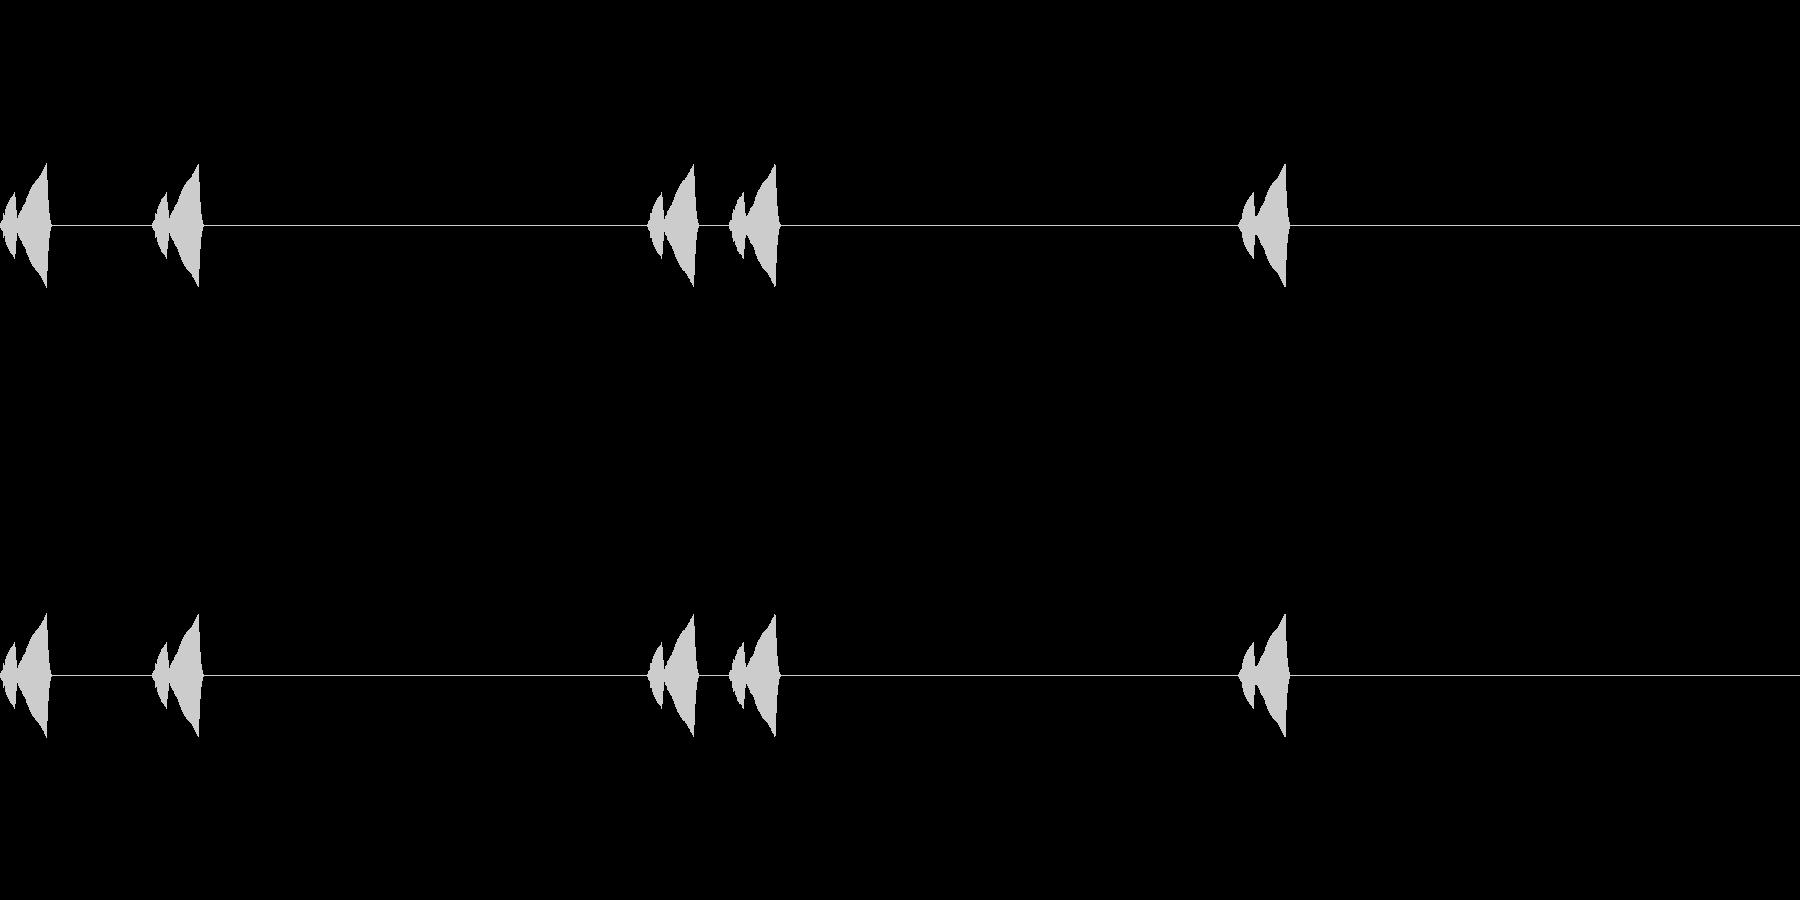 コミカルなSE(ピクピク)_その2の未再生の波形